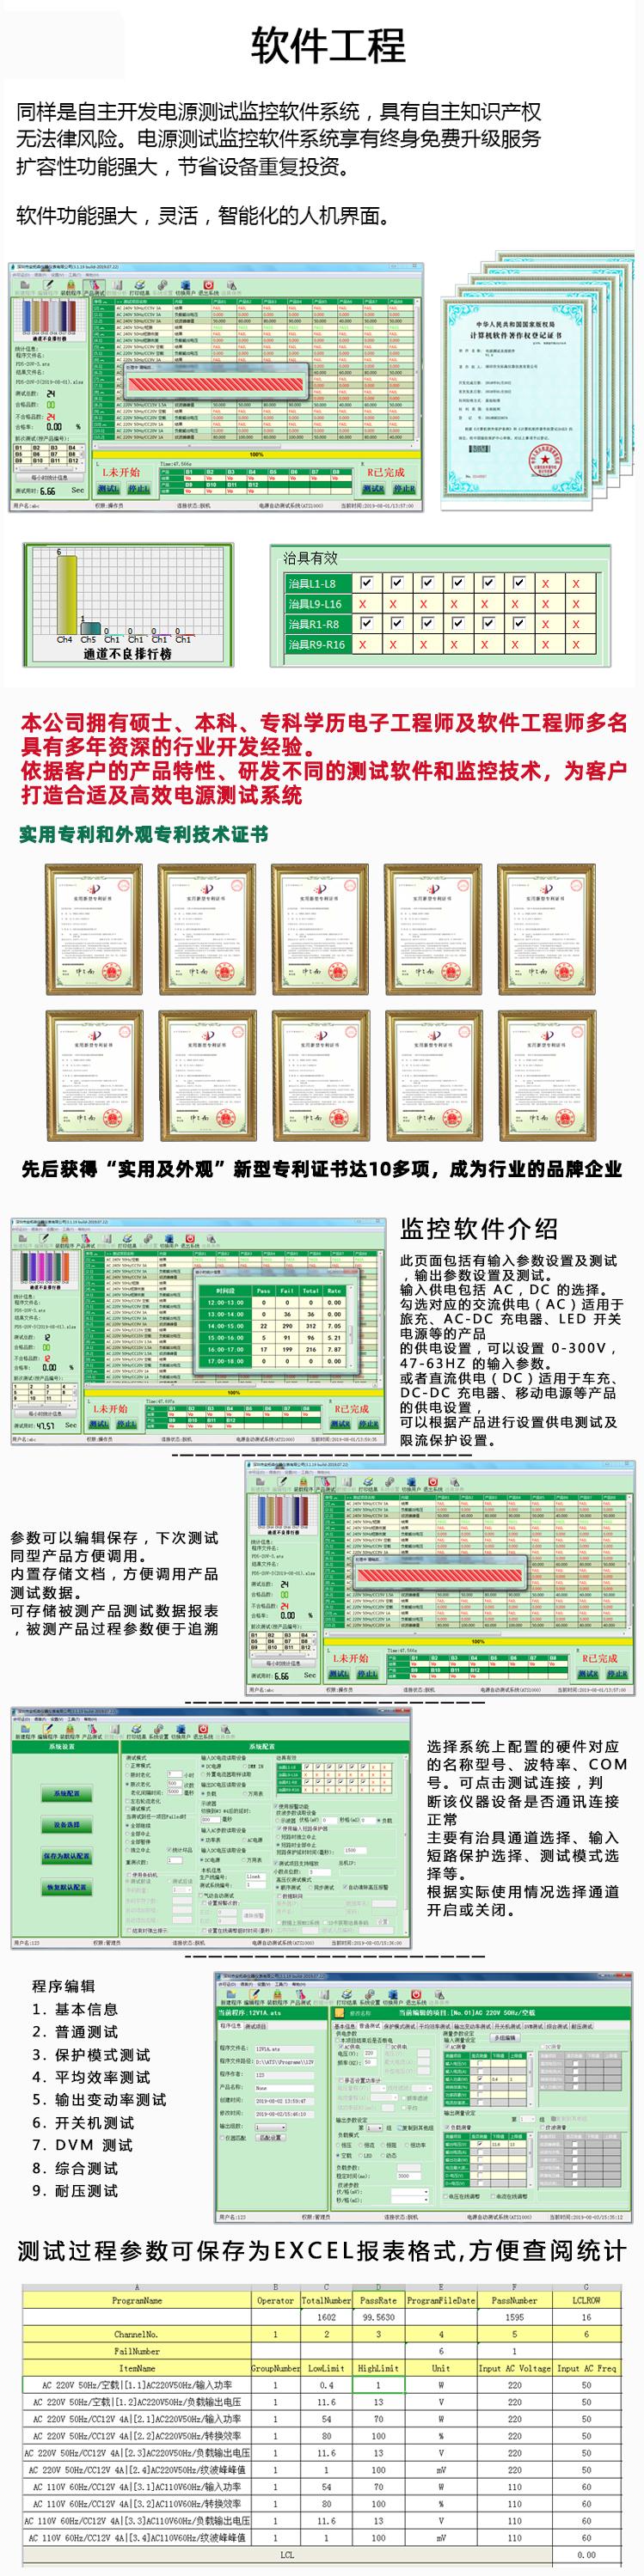 六通道开关电源测试系统